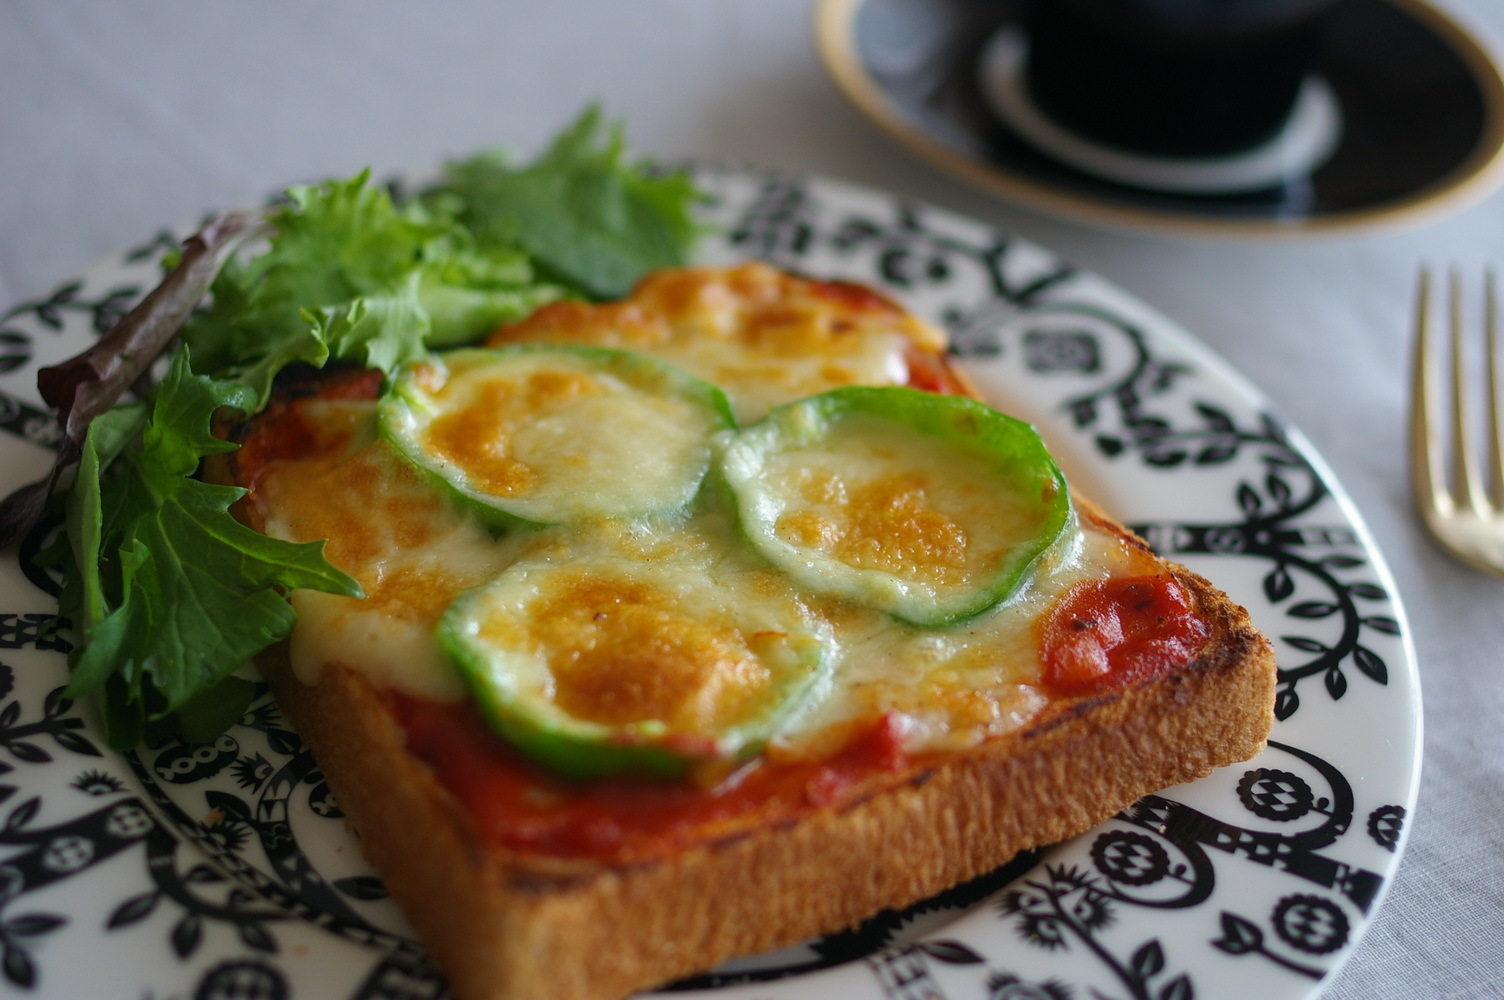 基本の冷凍ピザパン【レシピ】_d0327373_17403044.jpg